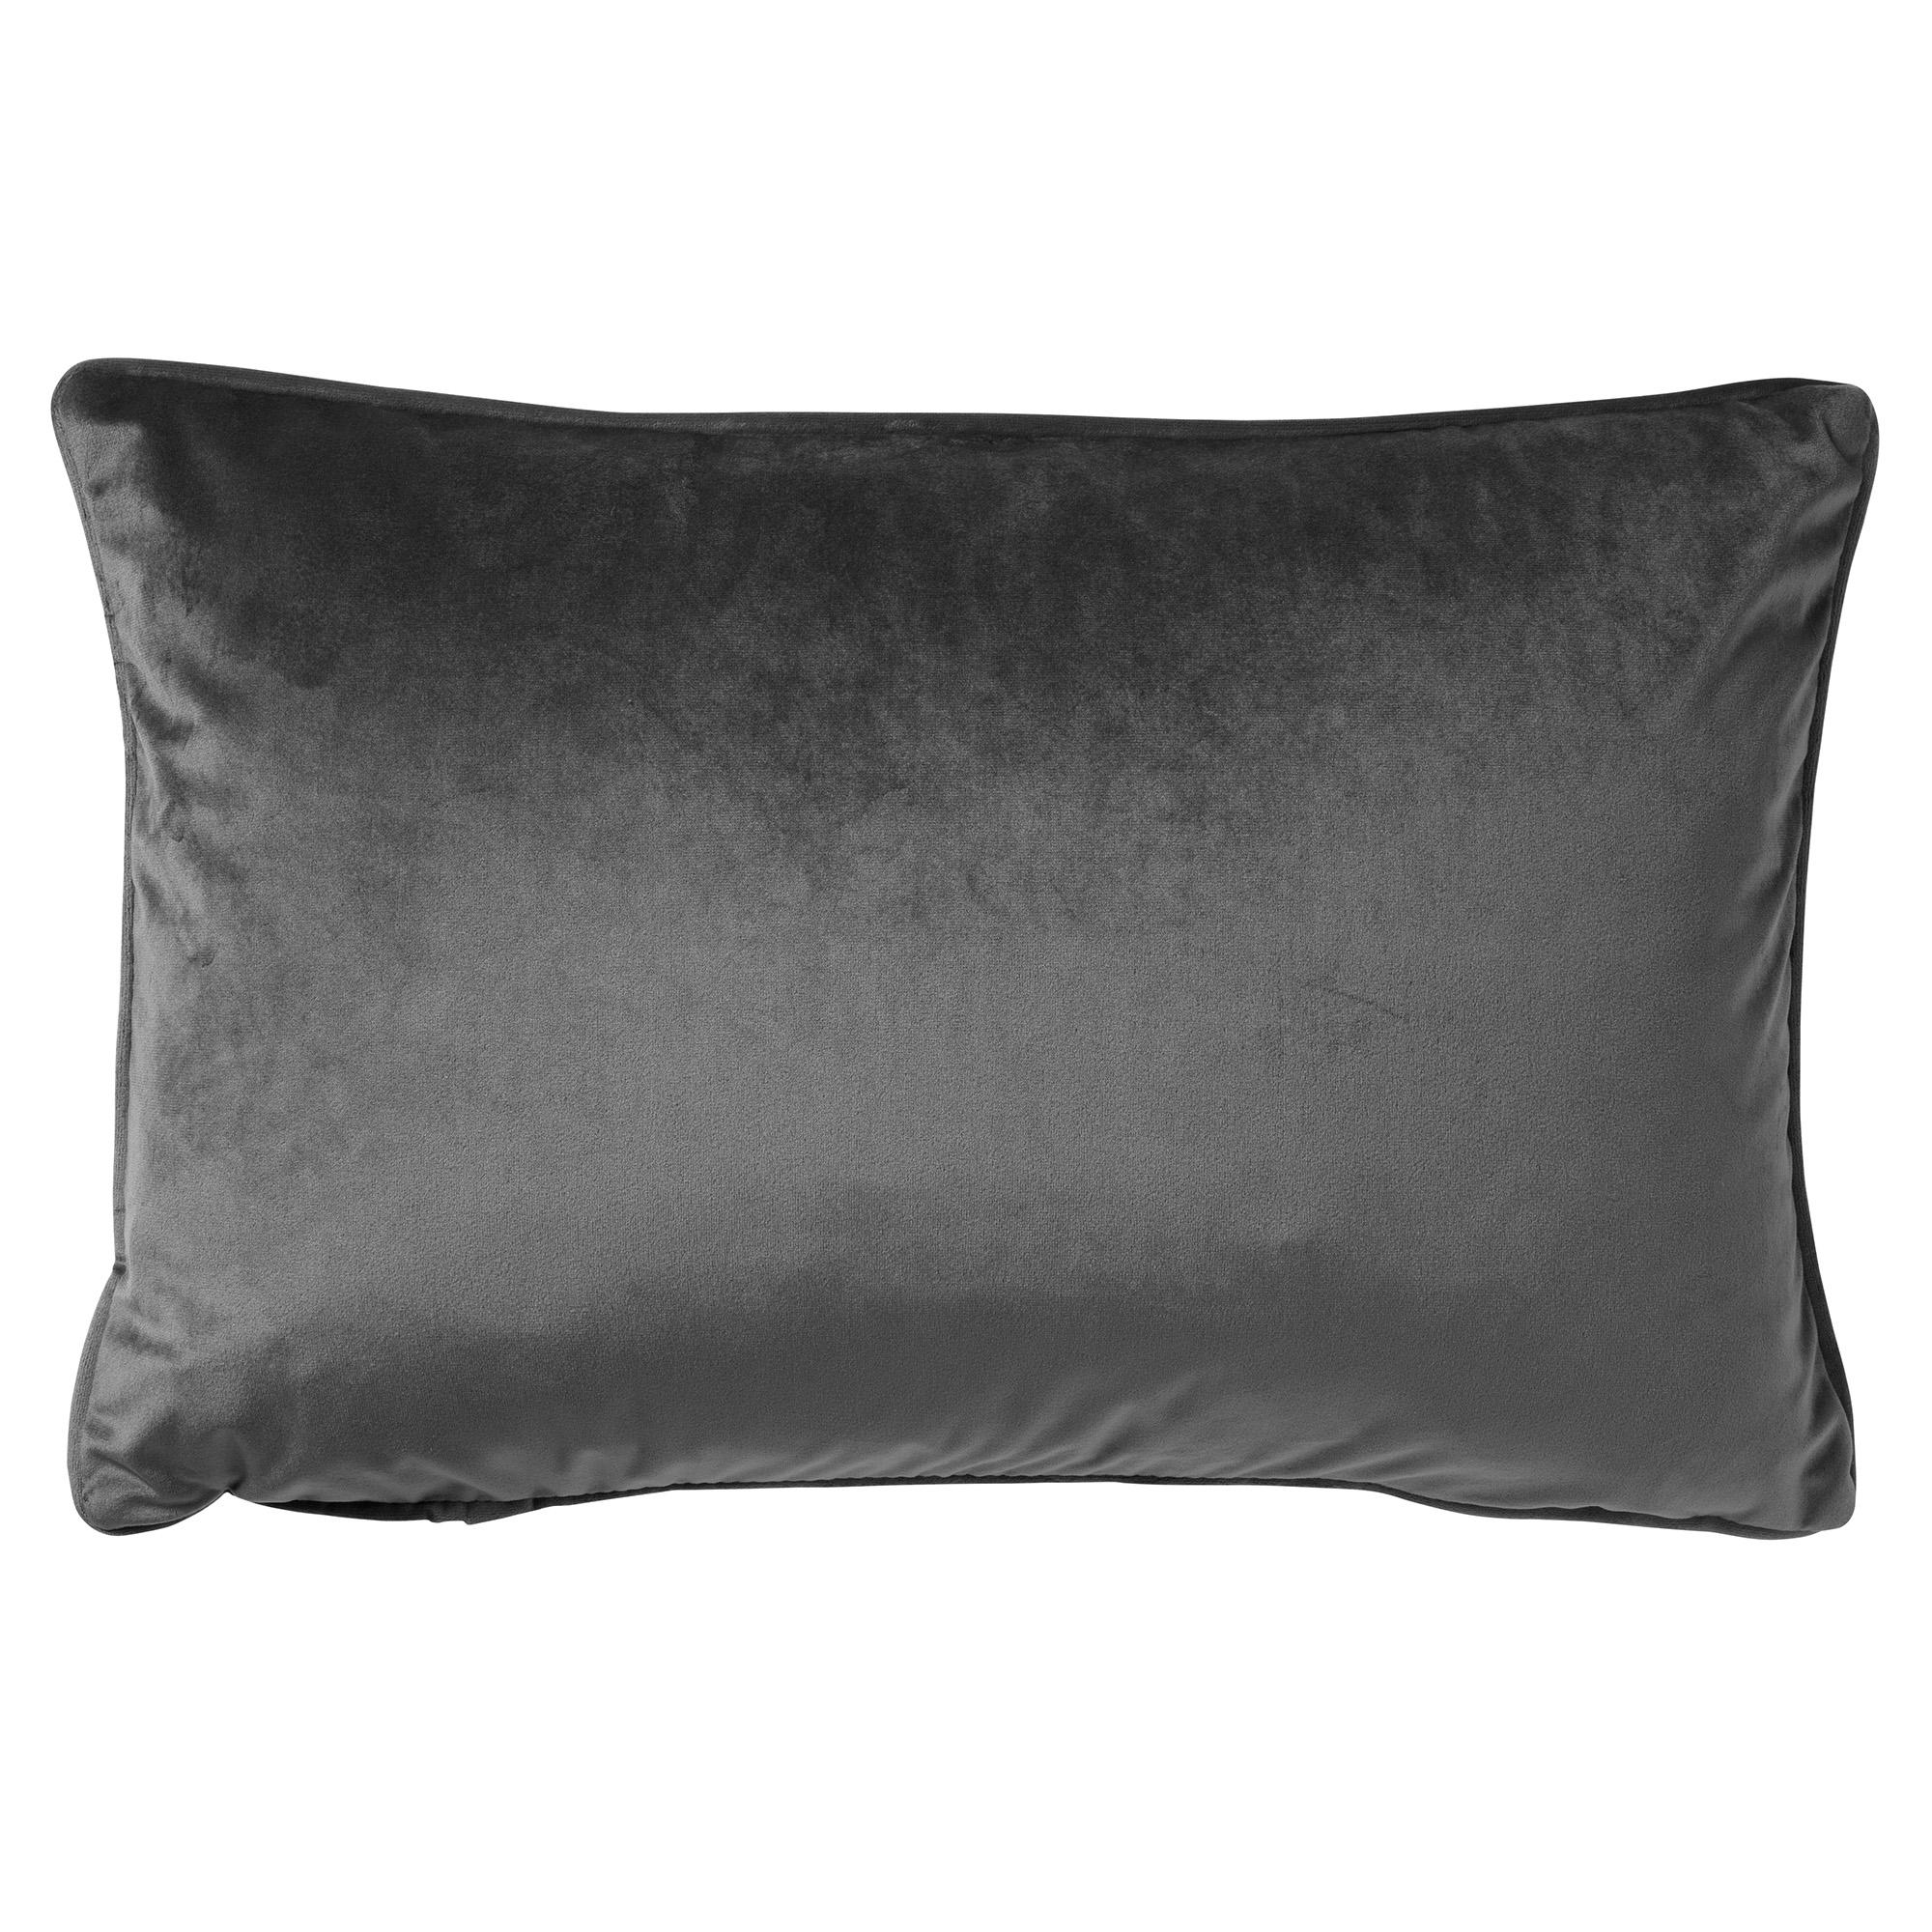 FINN - Sierkussen velvet Charcoal Grey 40x60 cm